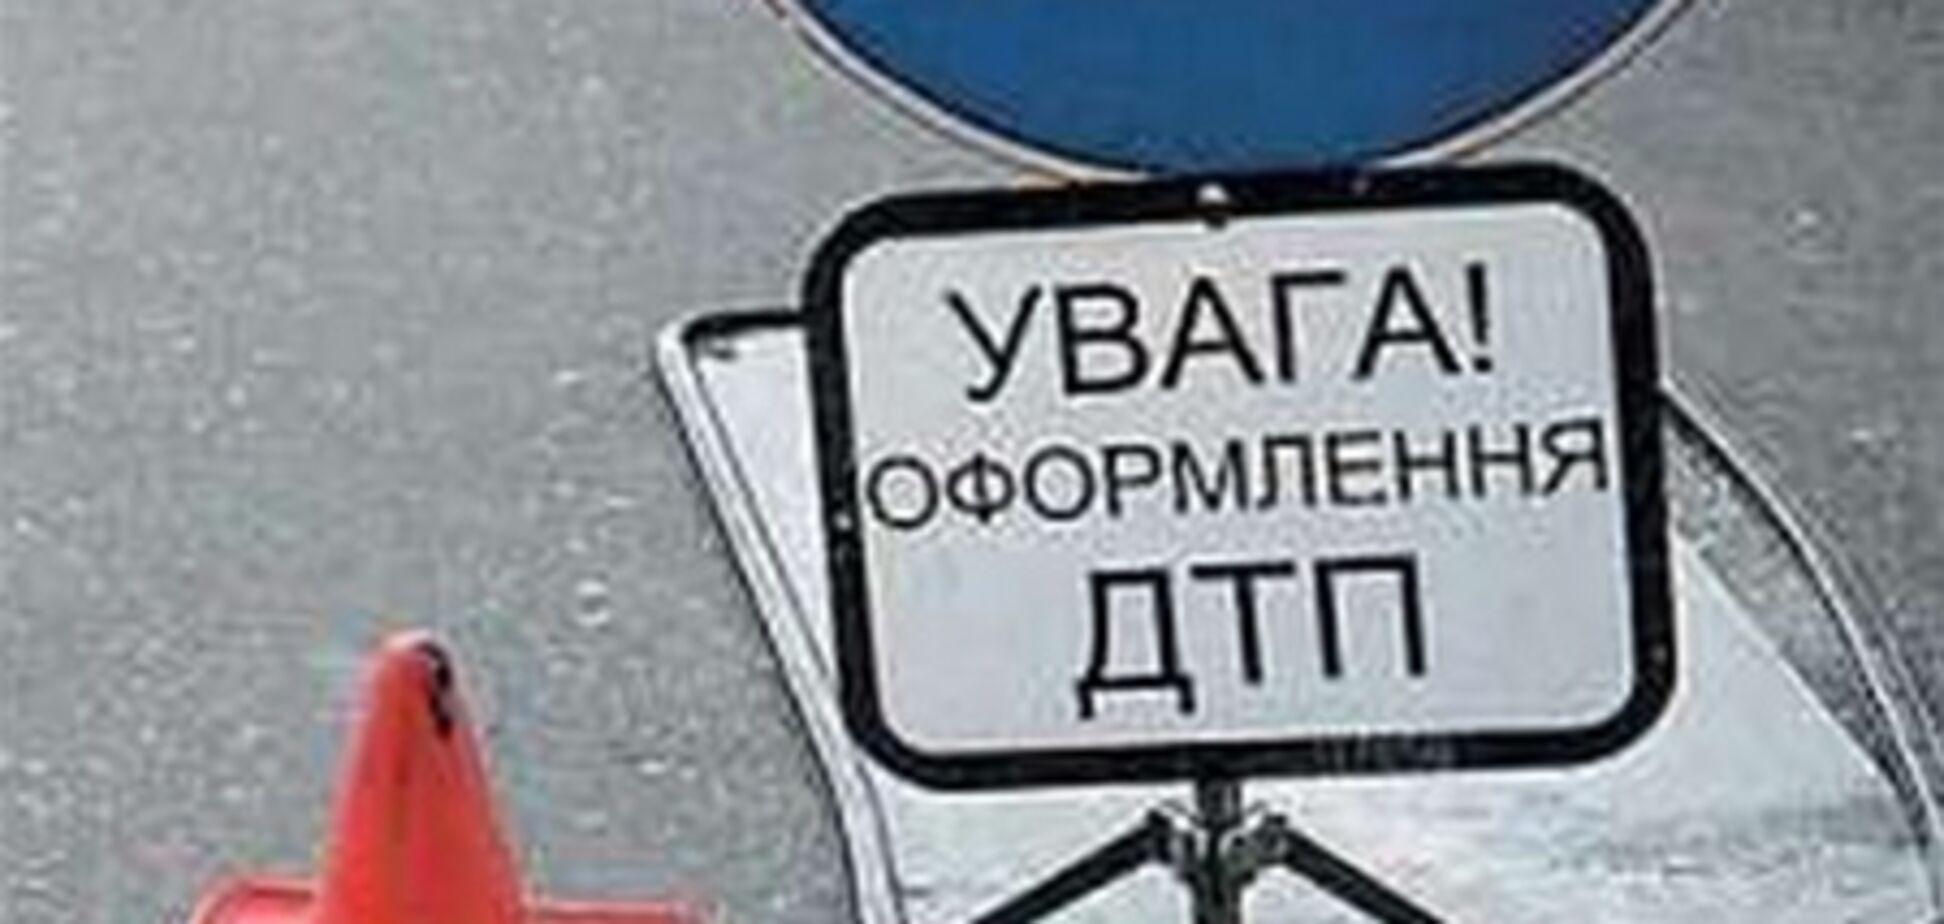 В Ужгороде пьяный участковый наехал на пешехода